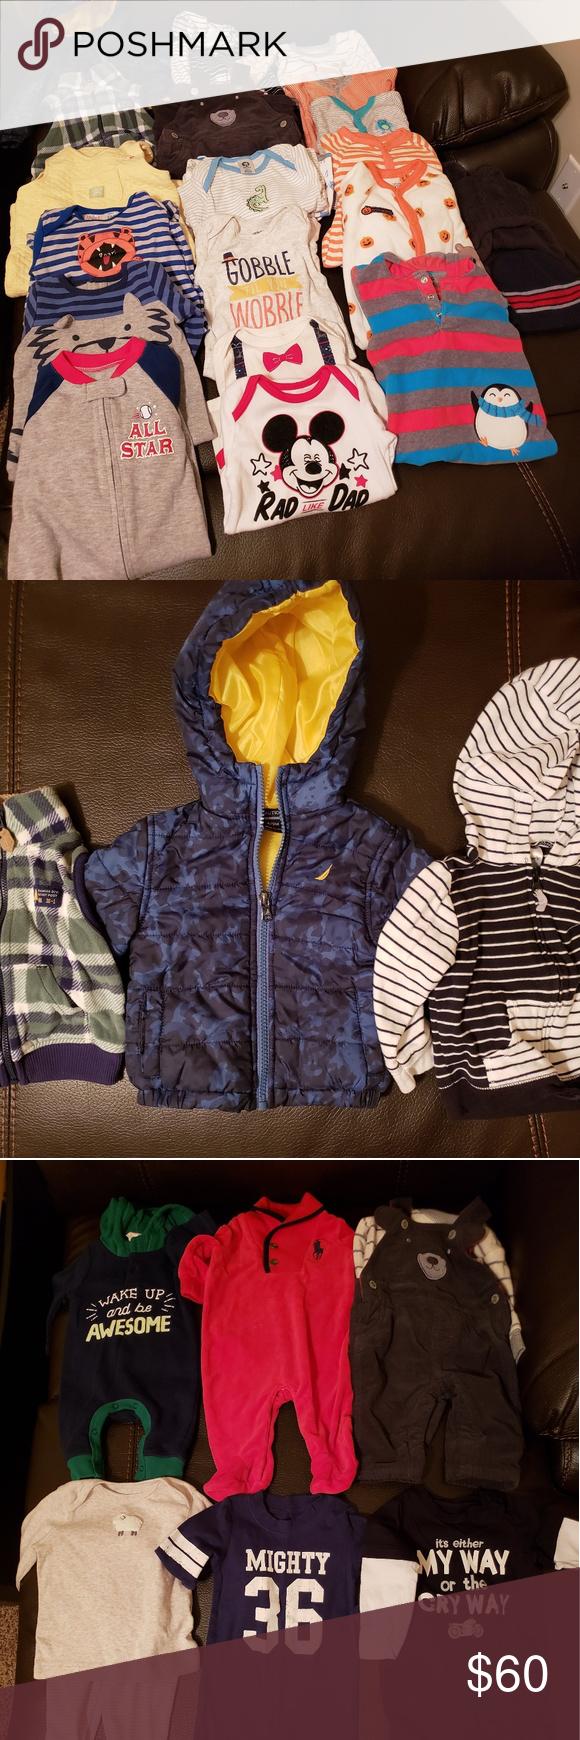 e2207368e688 Baby Boy Winter Bundle!!! Baby Boy Winter Bundle Brands include ...